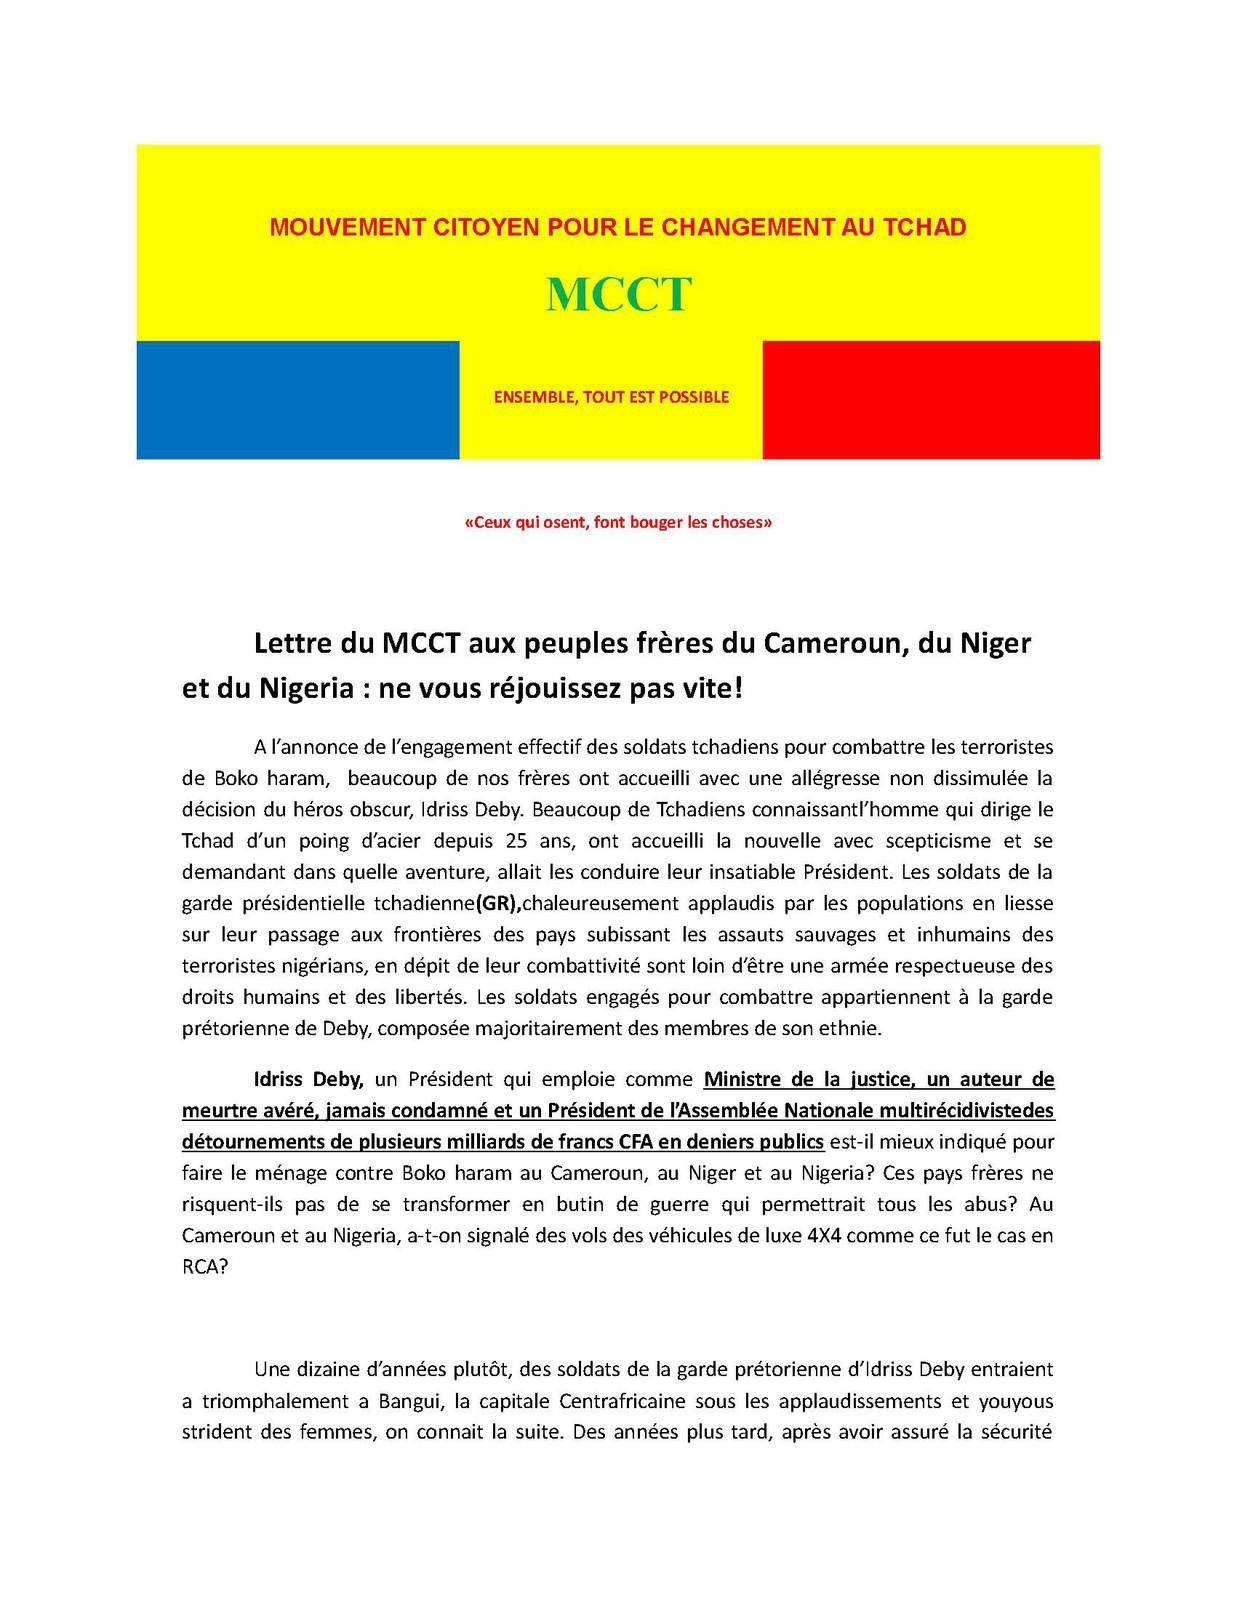 Intervention militaire du Tchad: le MCCT invite le Cameroun, le Niger et le Nigeria de ne pas se réjouir !